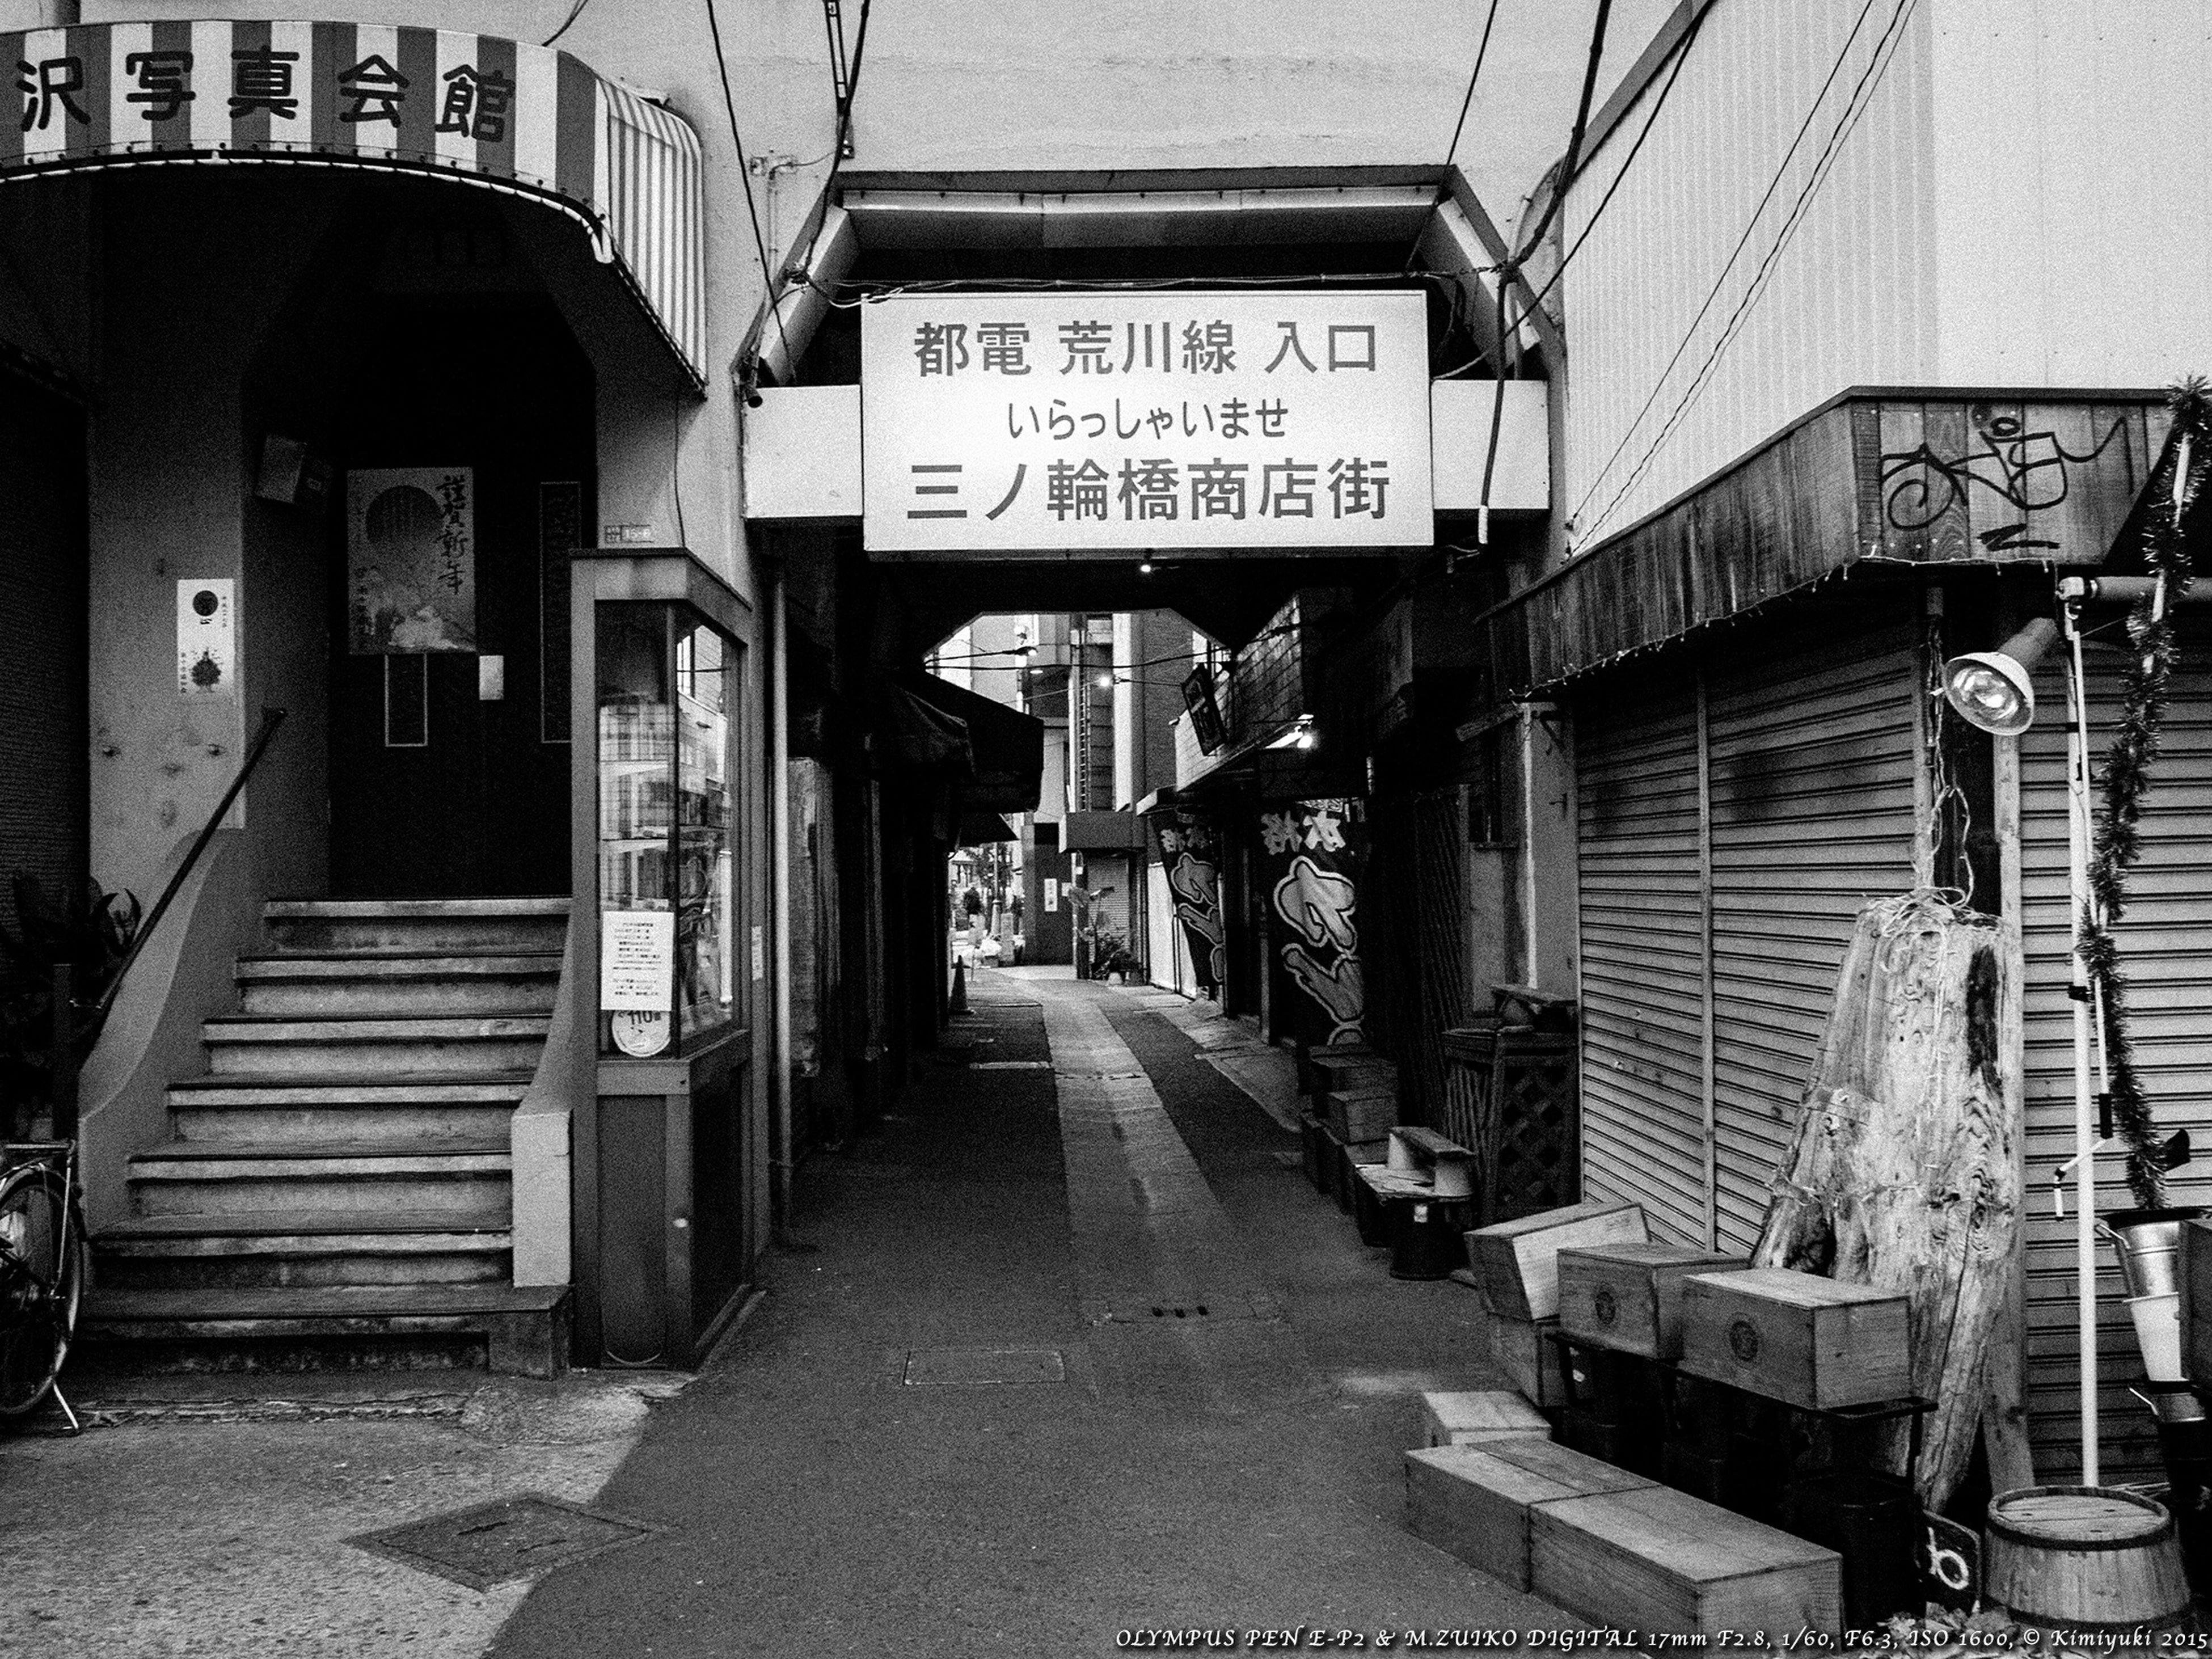 いらっしゃいませ Shopping Street Bwphotography Monochrome Olympus Pen